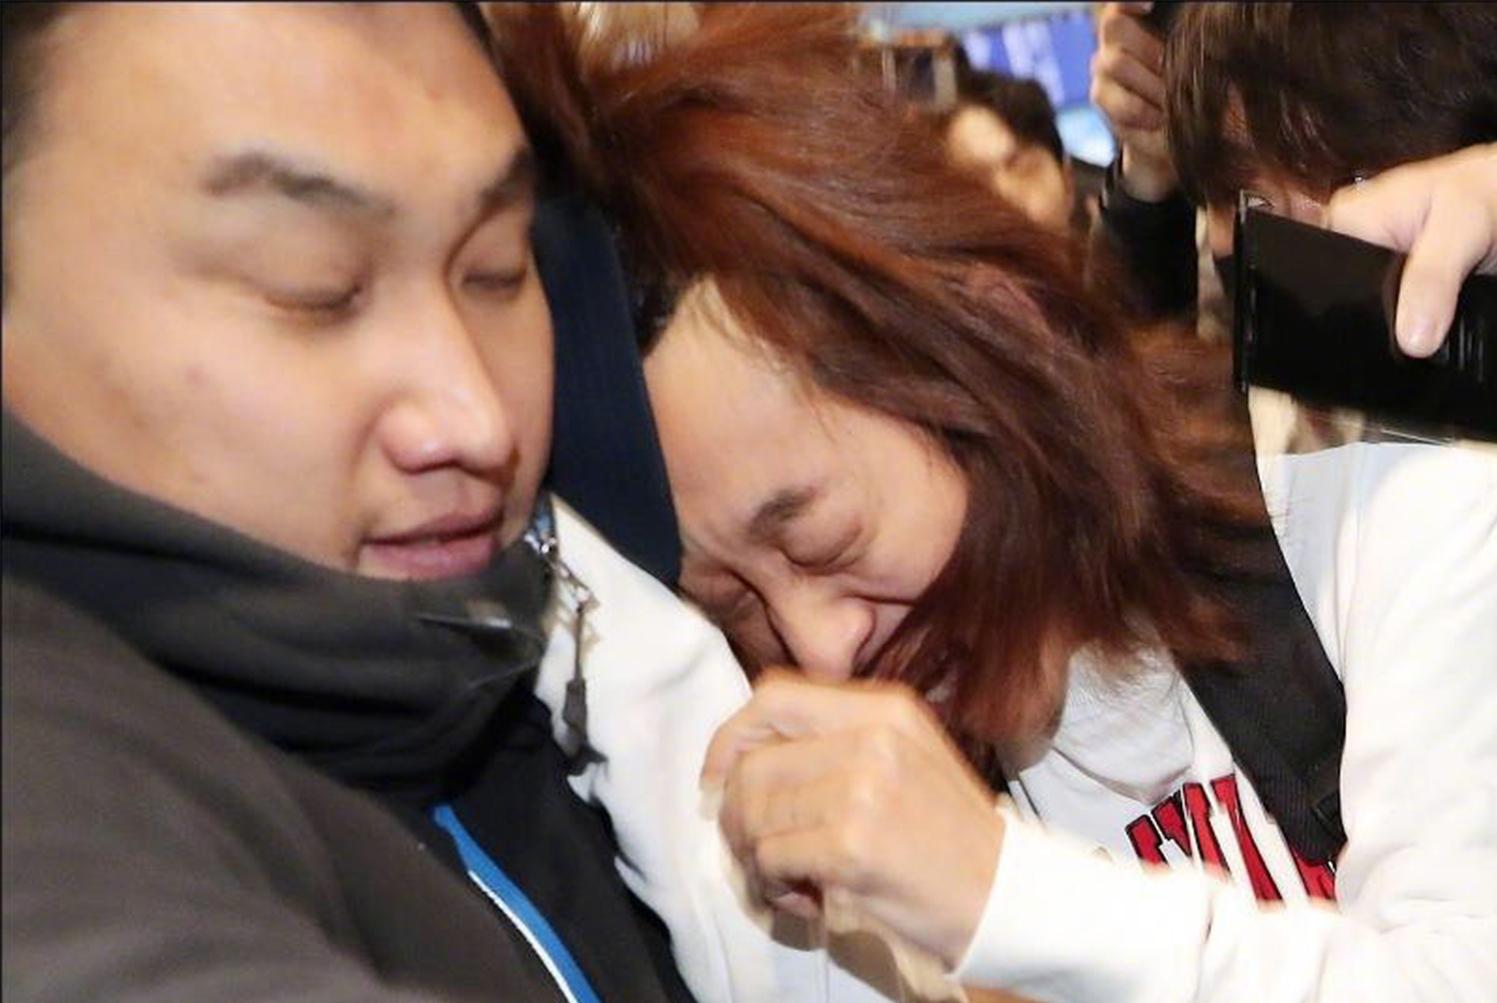 郑俊英返韩,在机场被媒体围堵追问略显狼狈,他回应了这句话